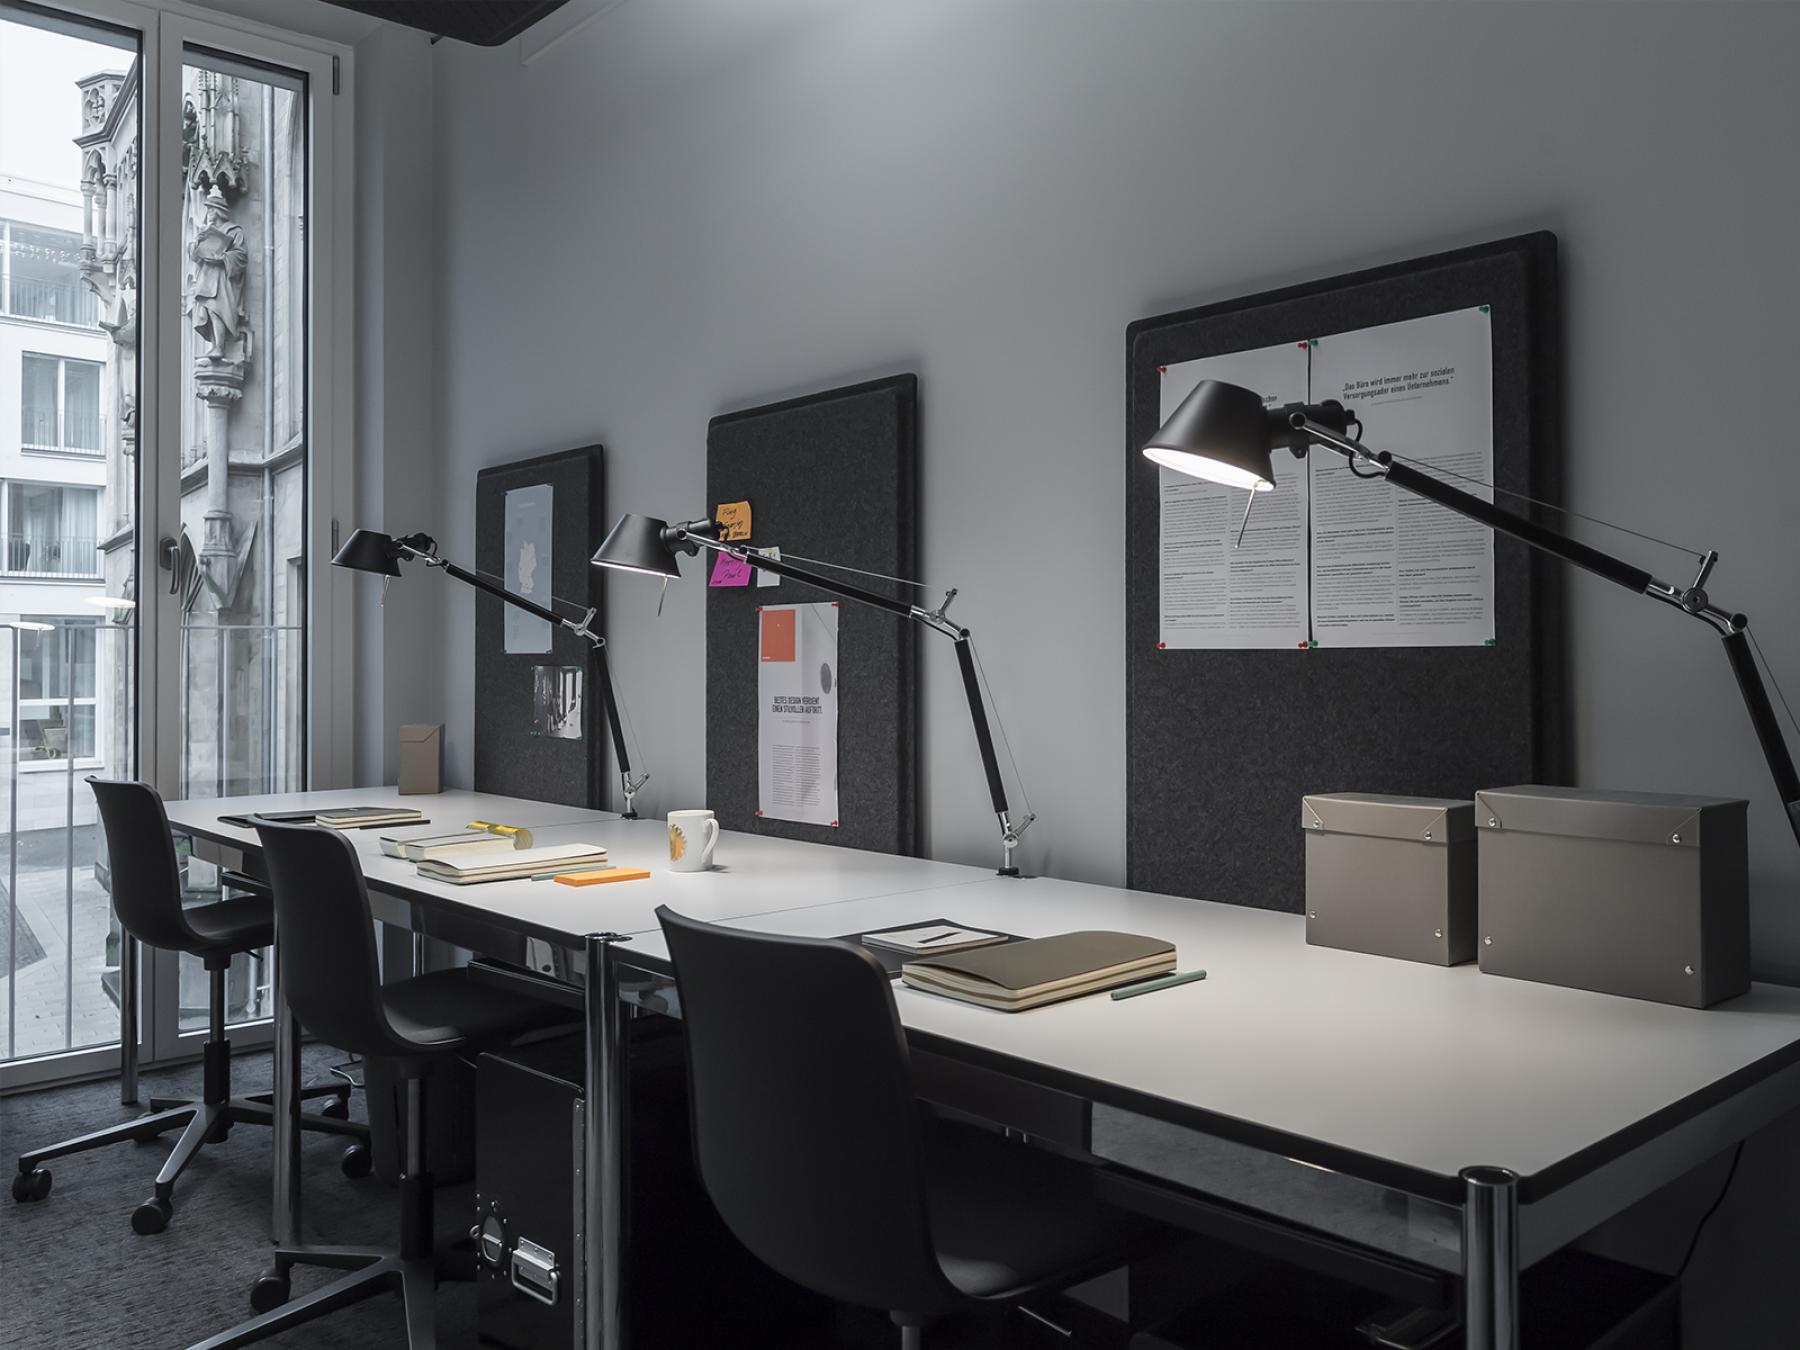 Arbeitsplätze an aufgeräumtem Schreibtisch mit toller Aussicht